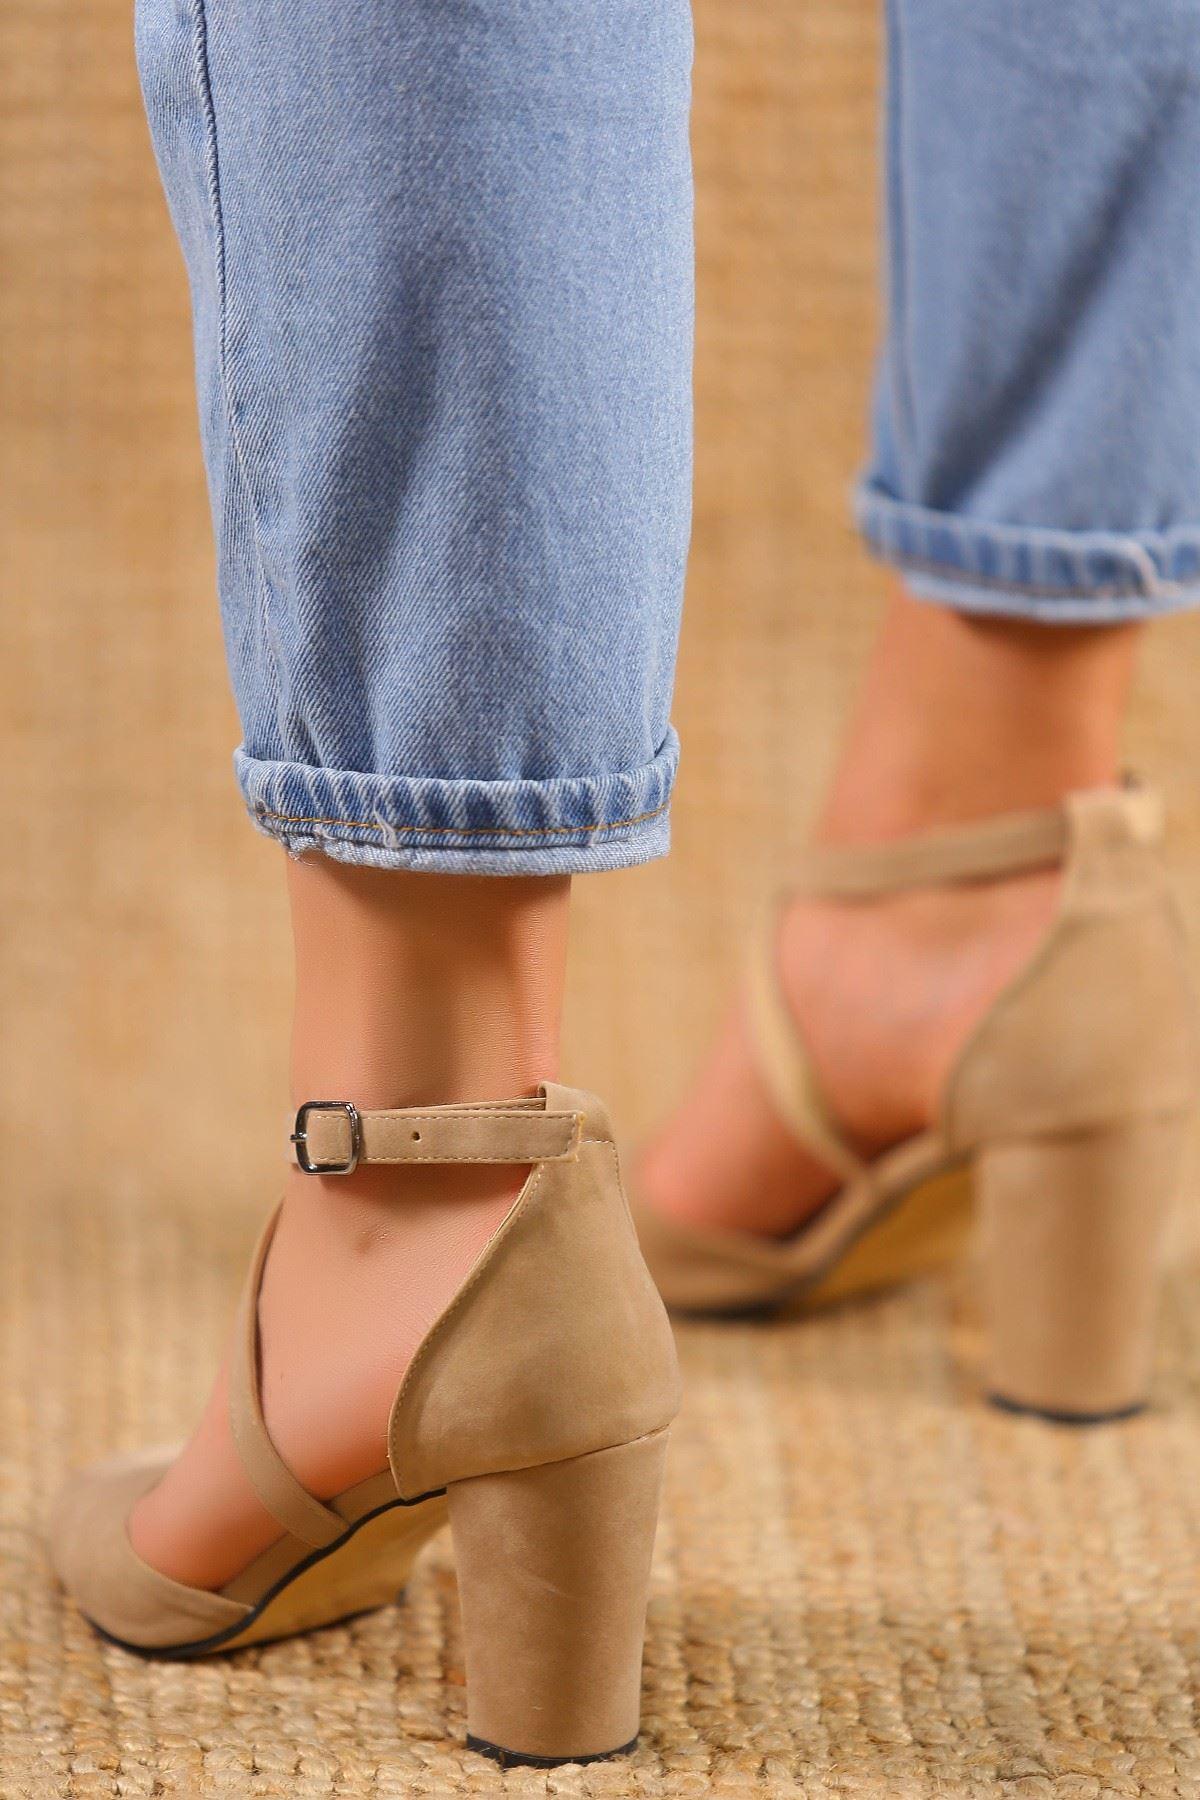 7 Cm Topuklu Ayakkabı Süetbej - 5179.264.